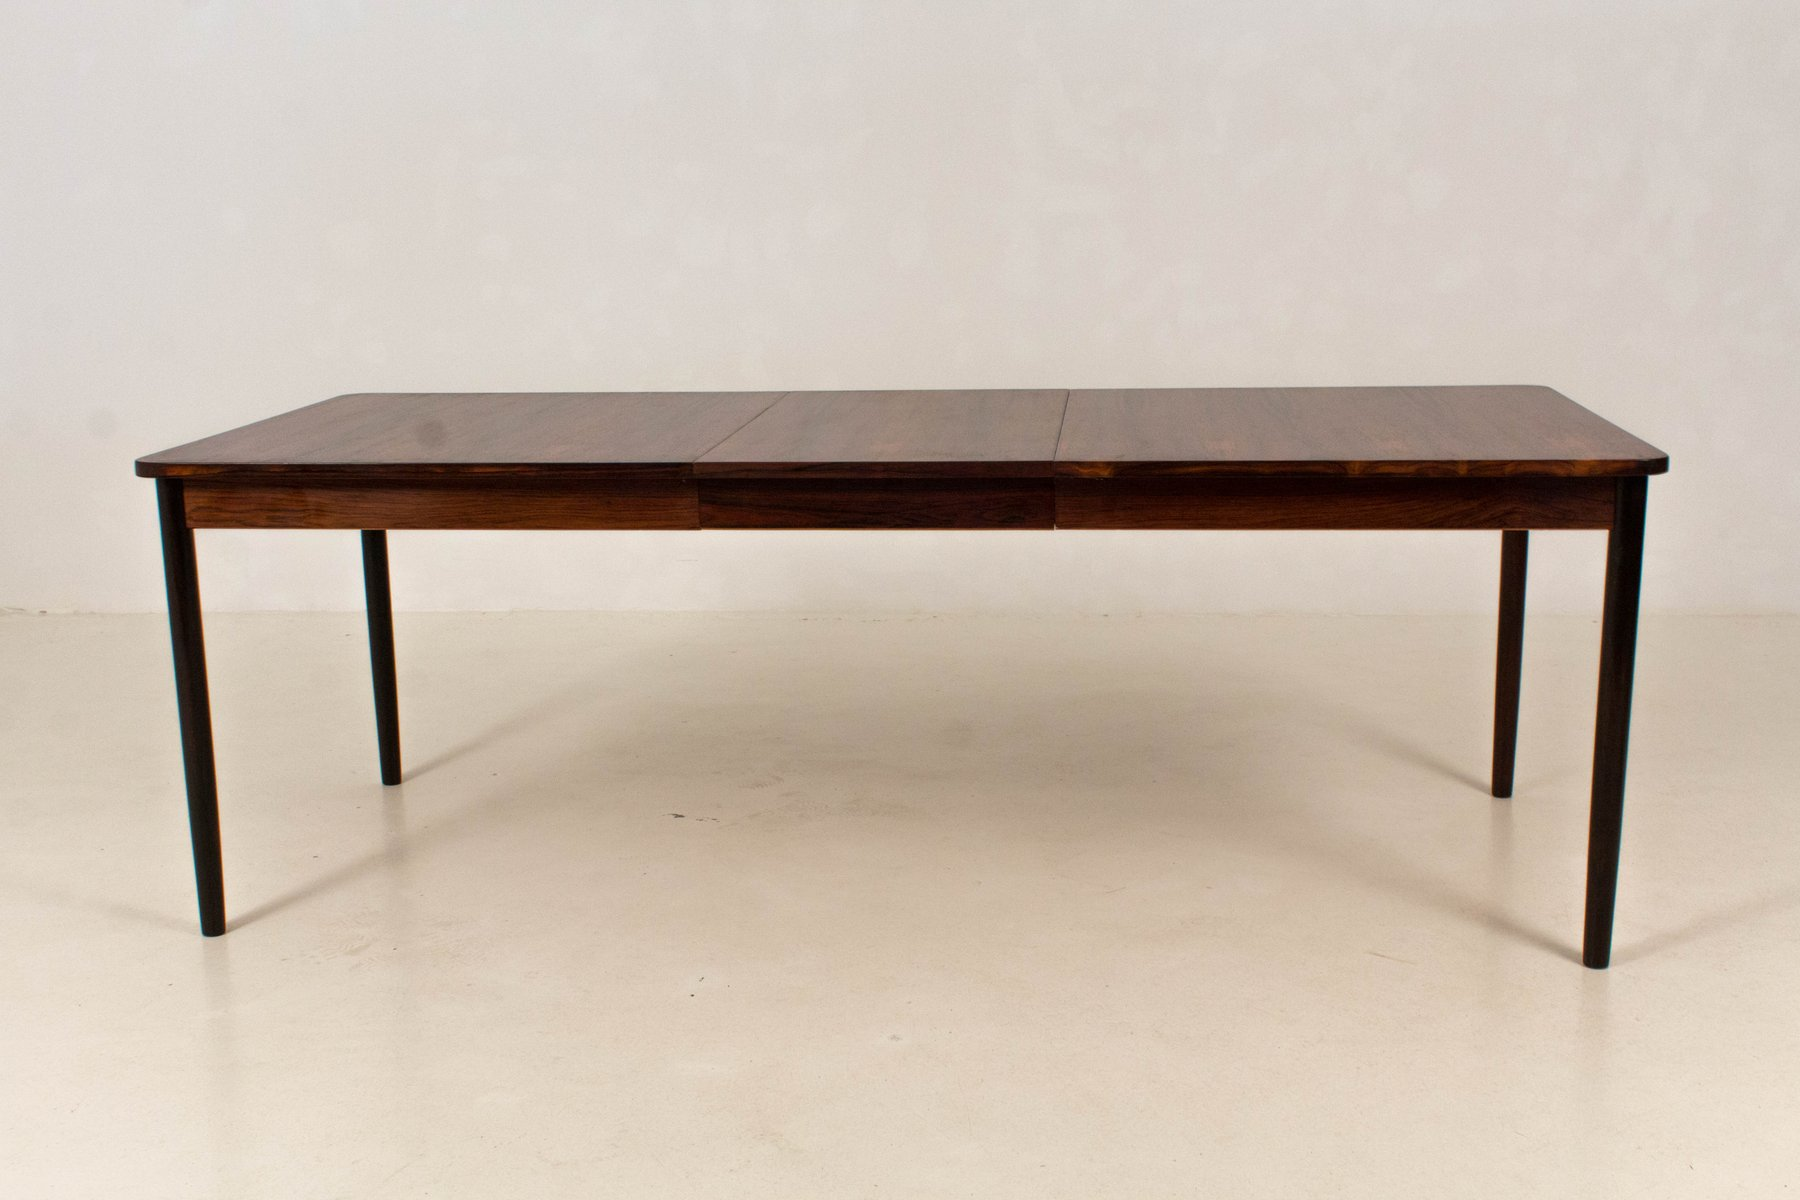 Table de salle manger mid century moderne rallonge de for Salle a manger annee 1960